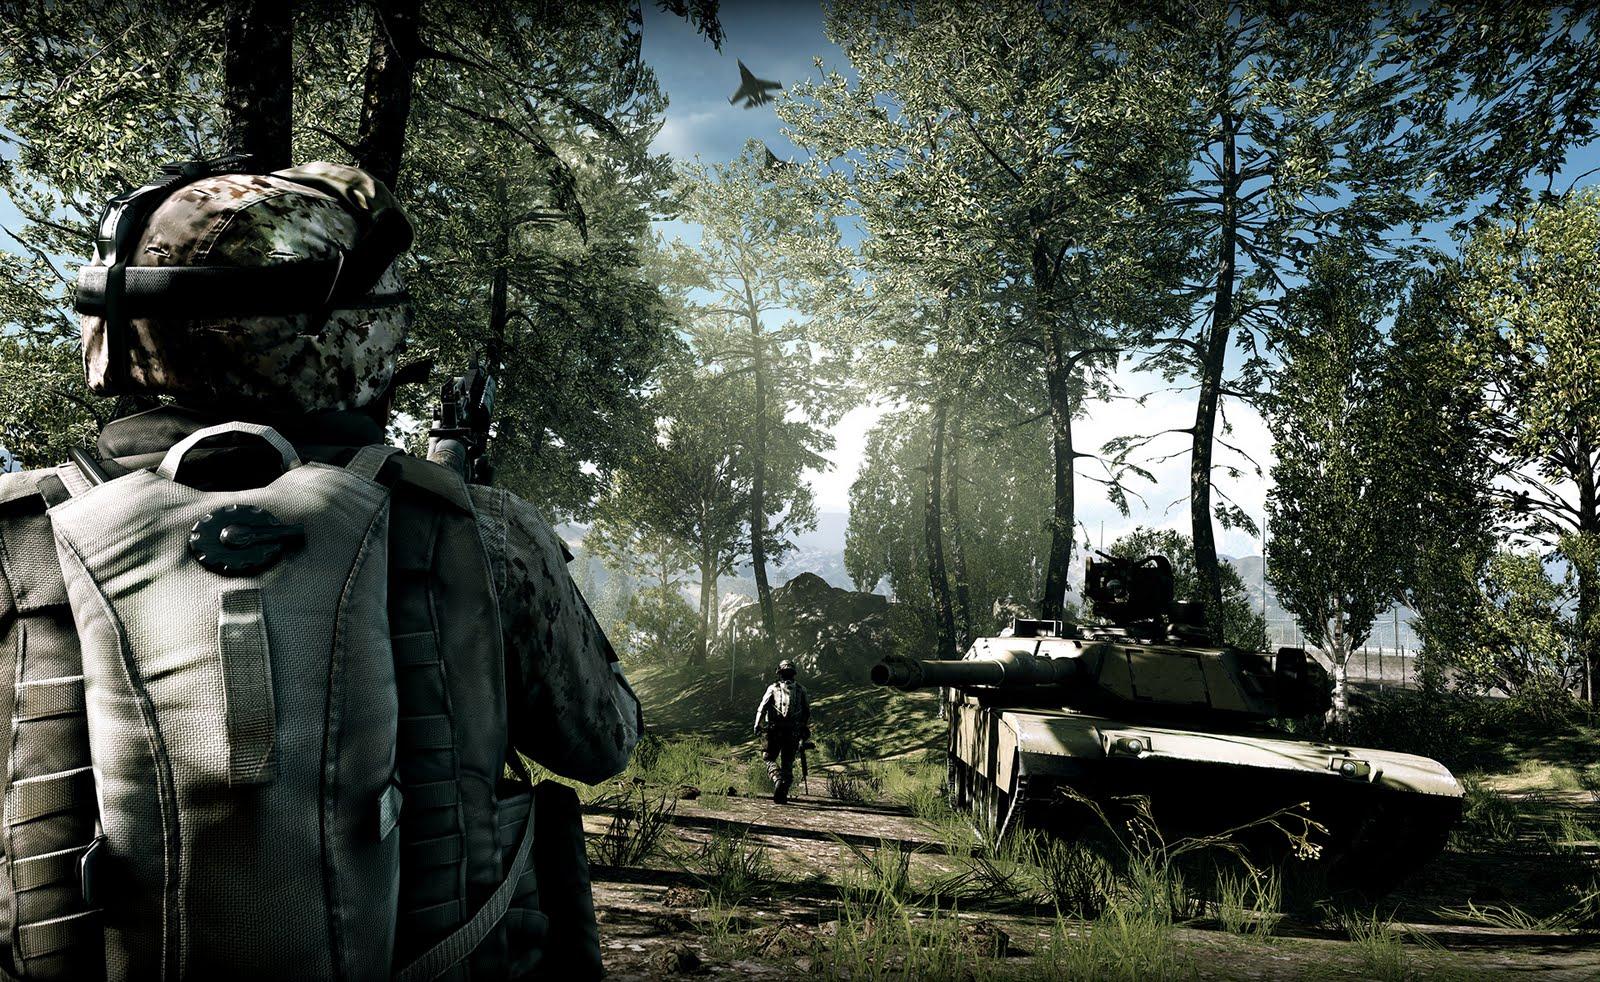 http://1.bp.blogspot.com/-8oCKv7Jo0nE/Tl_J-bwuGxI/AAAAAAAABB8/SZVNJvI6-q0/s1600/BF3_GamesCom_11.jpg